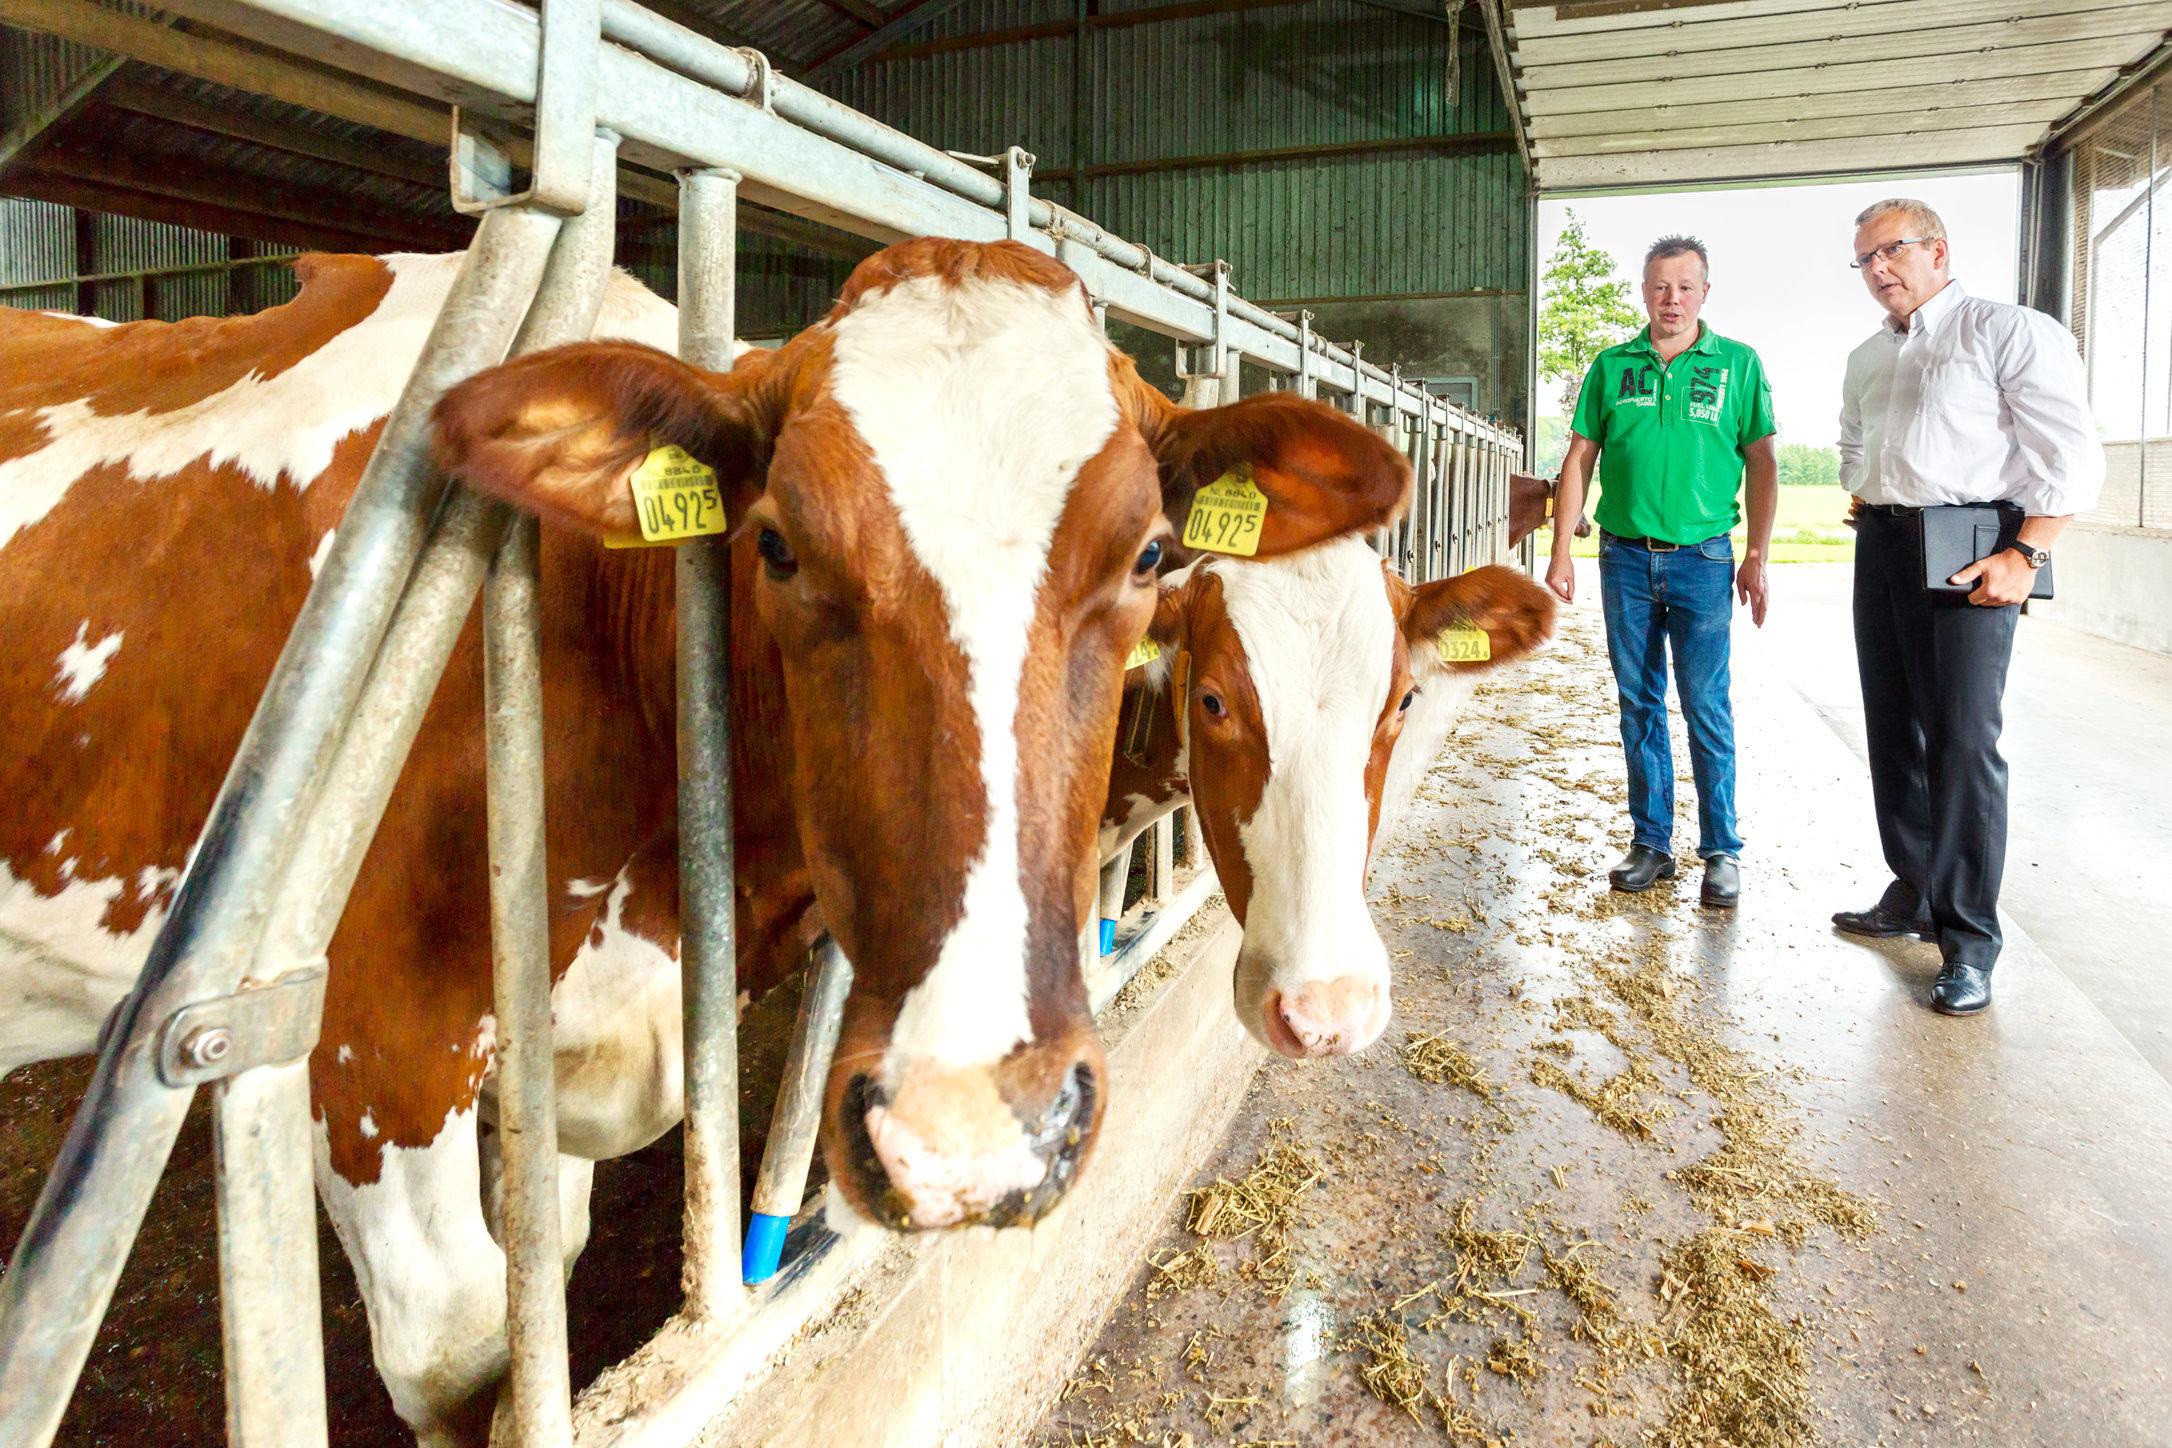 Main Melkveebedrijf Buijs MI_0068-5.jpg